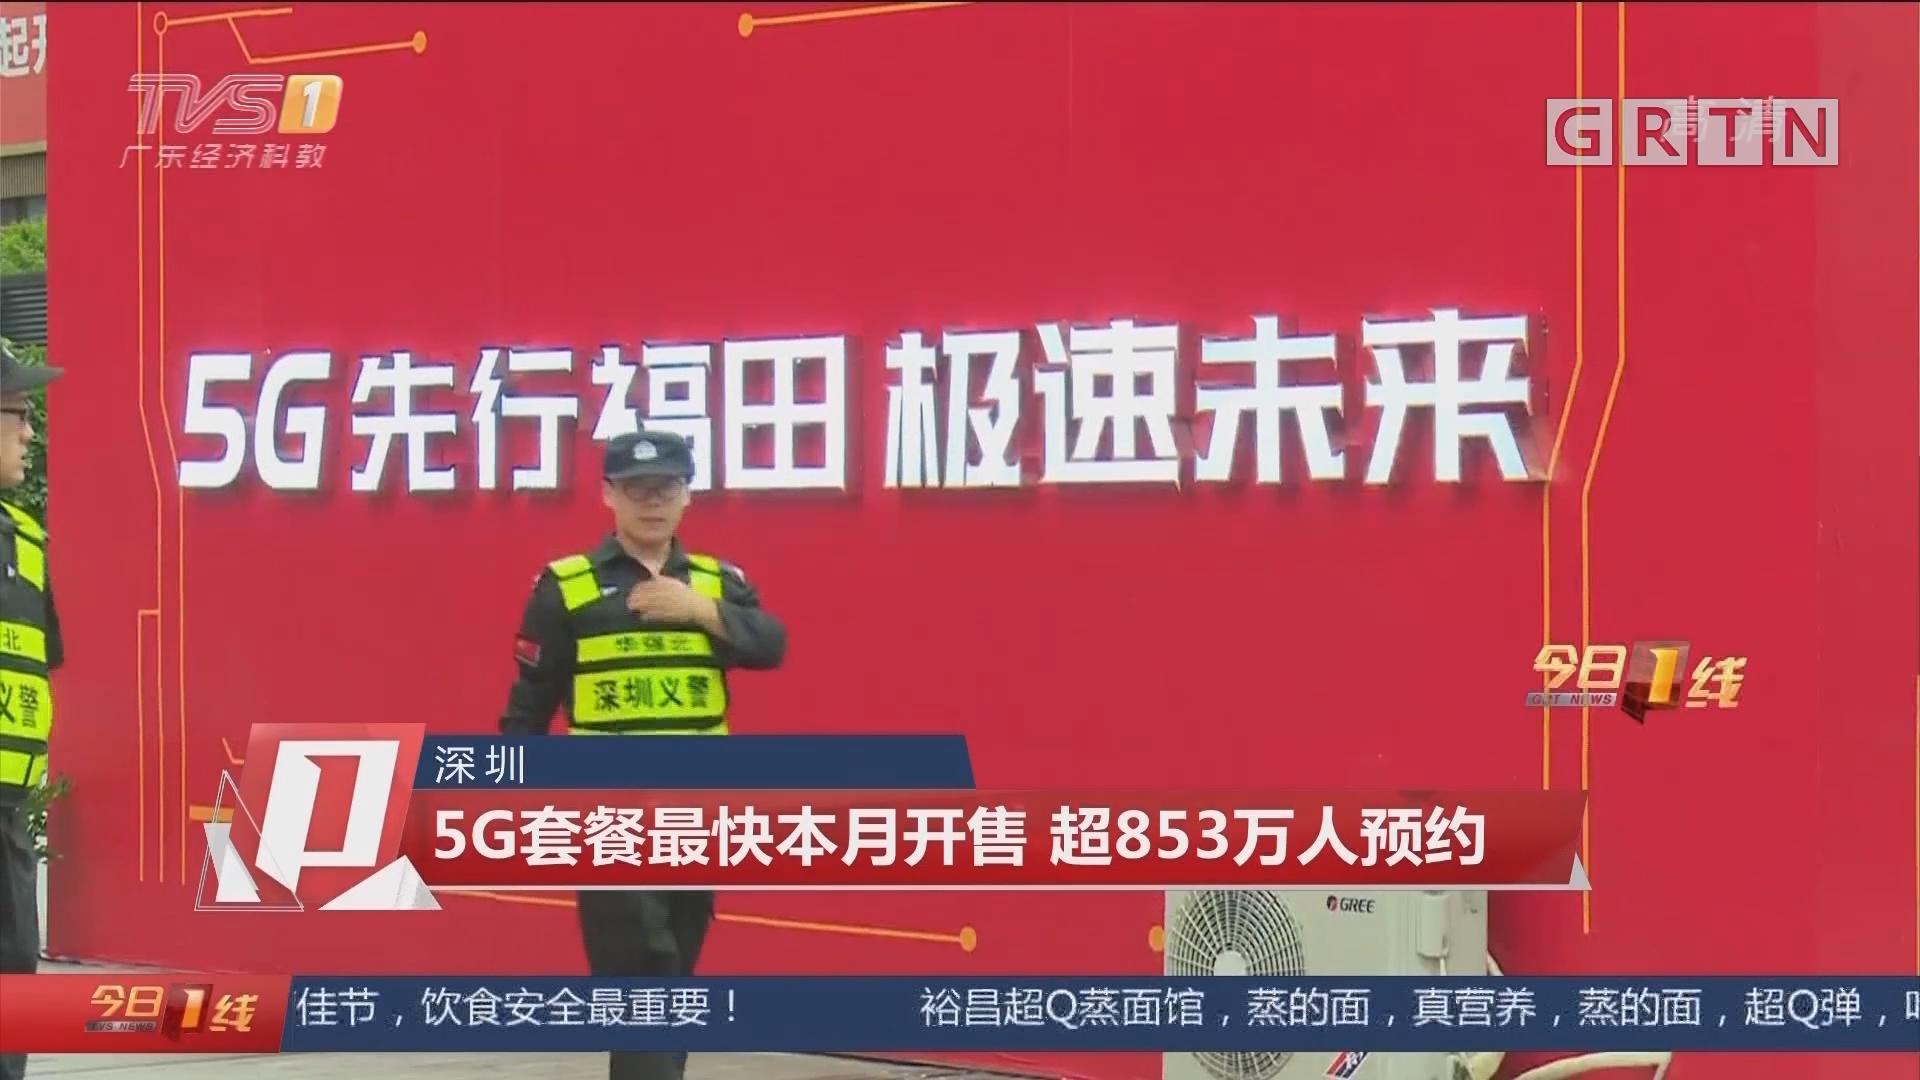 深圳:5G套餐最快本月开售 超853万人预约